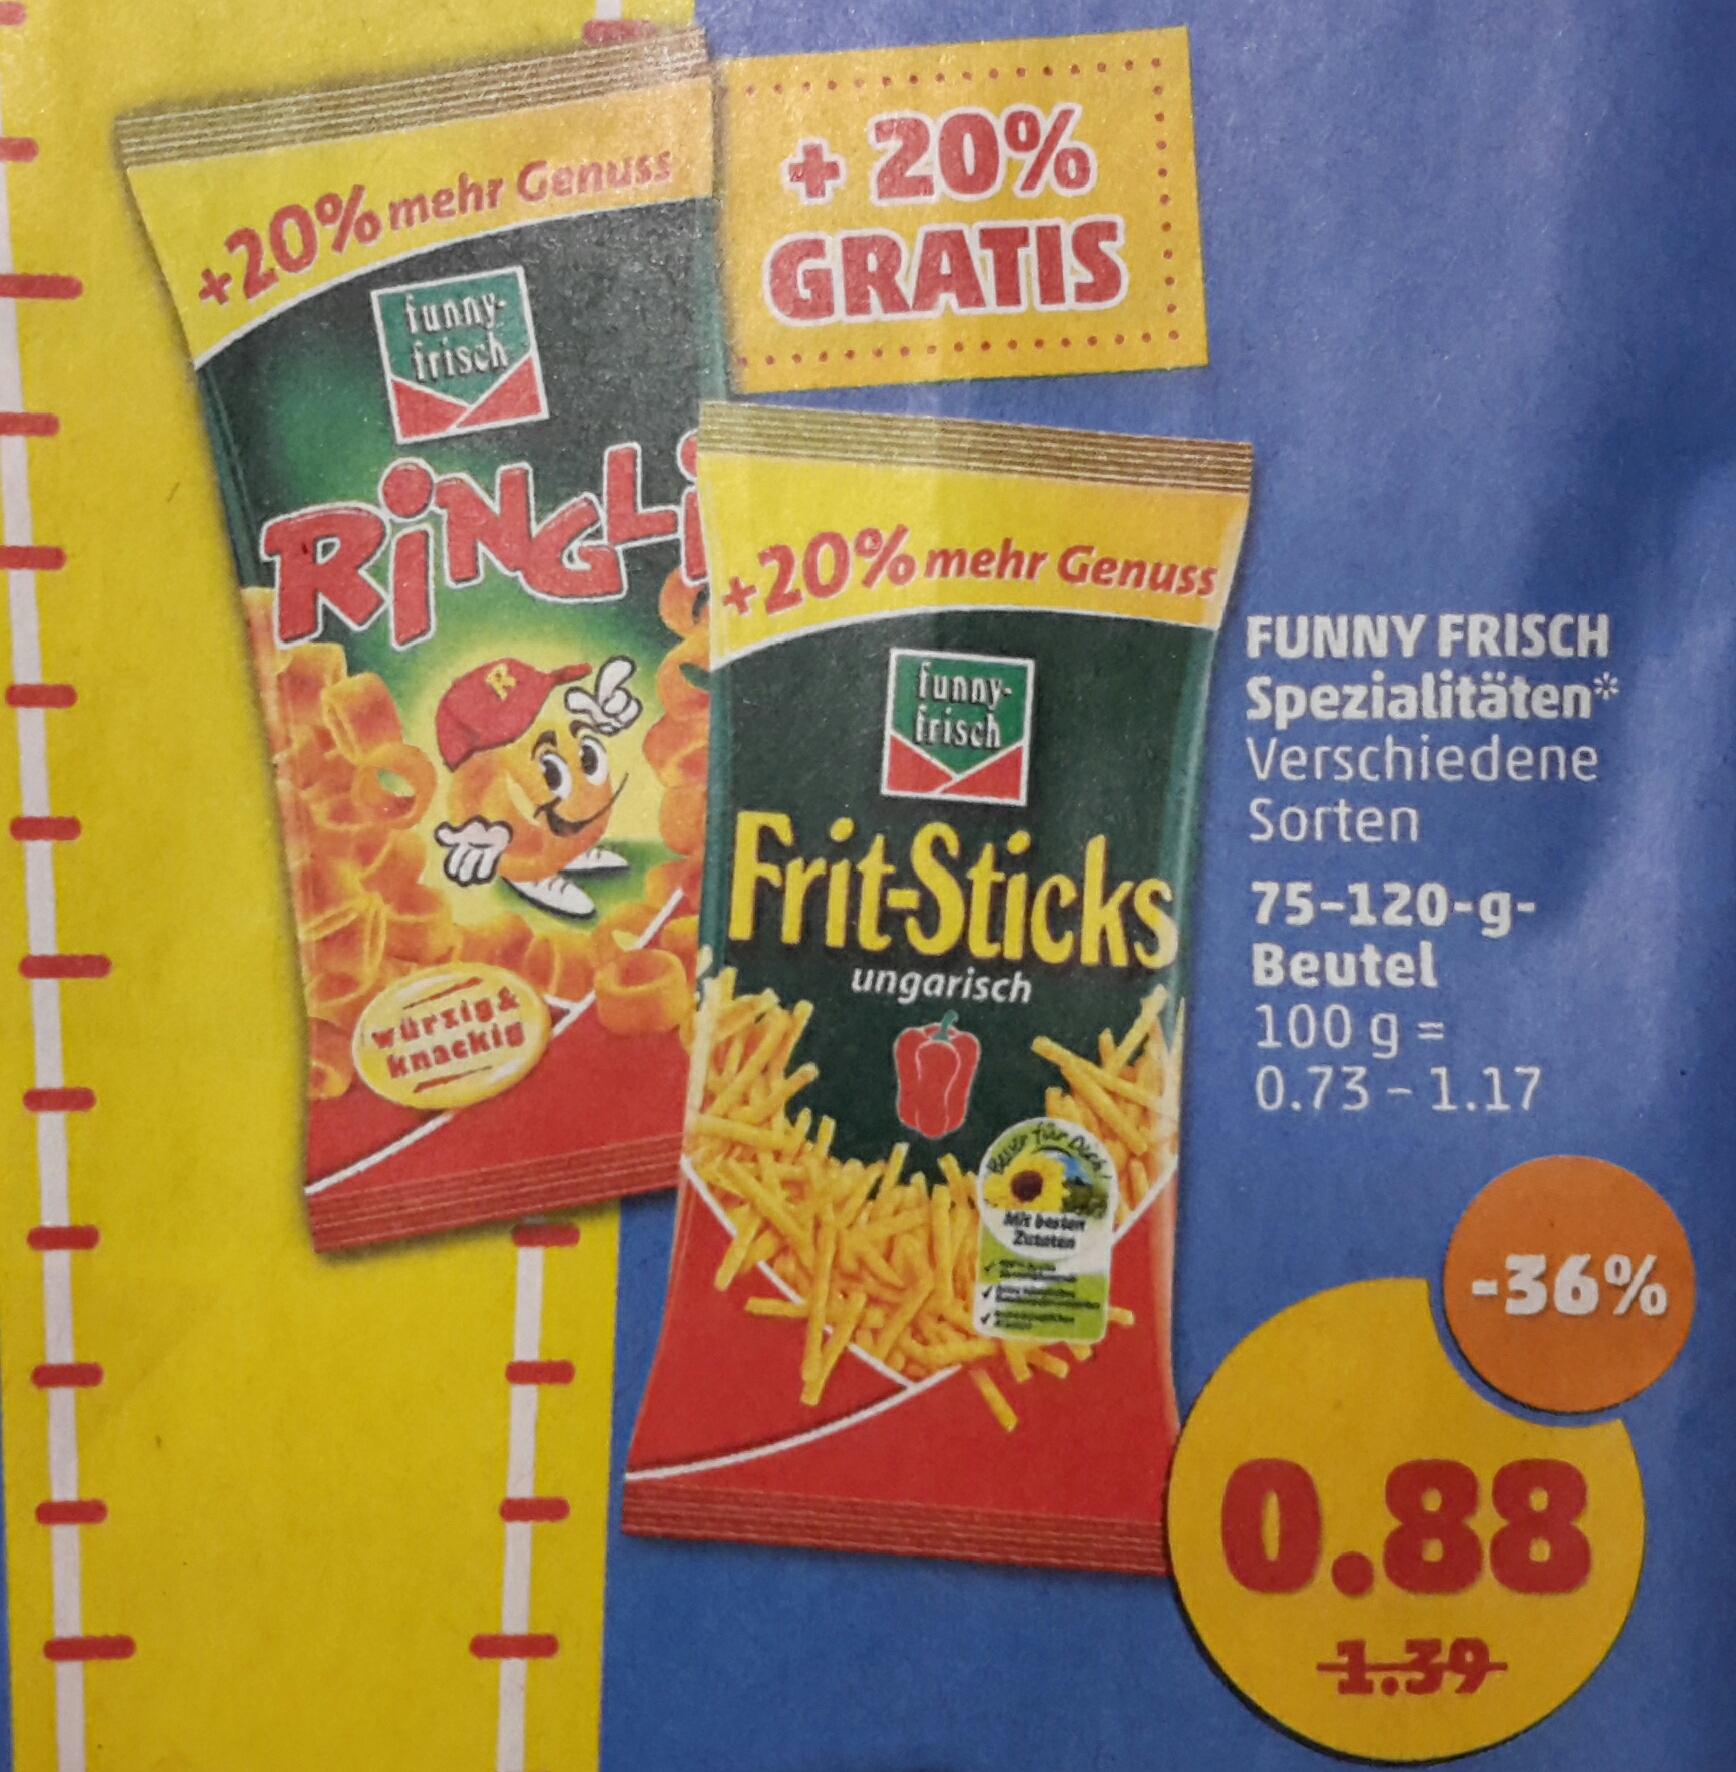 [Penny] Funny Frisch Frit-Sticks und Ringli mit 20% mehr Inhalt für je 0,88 € ab 06.03.17